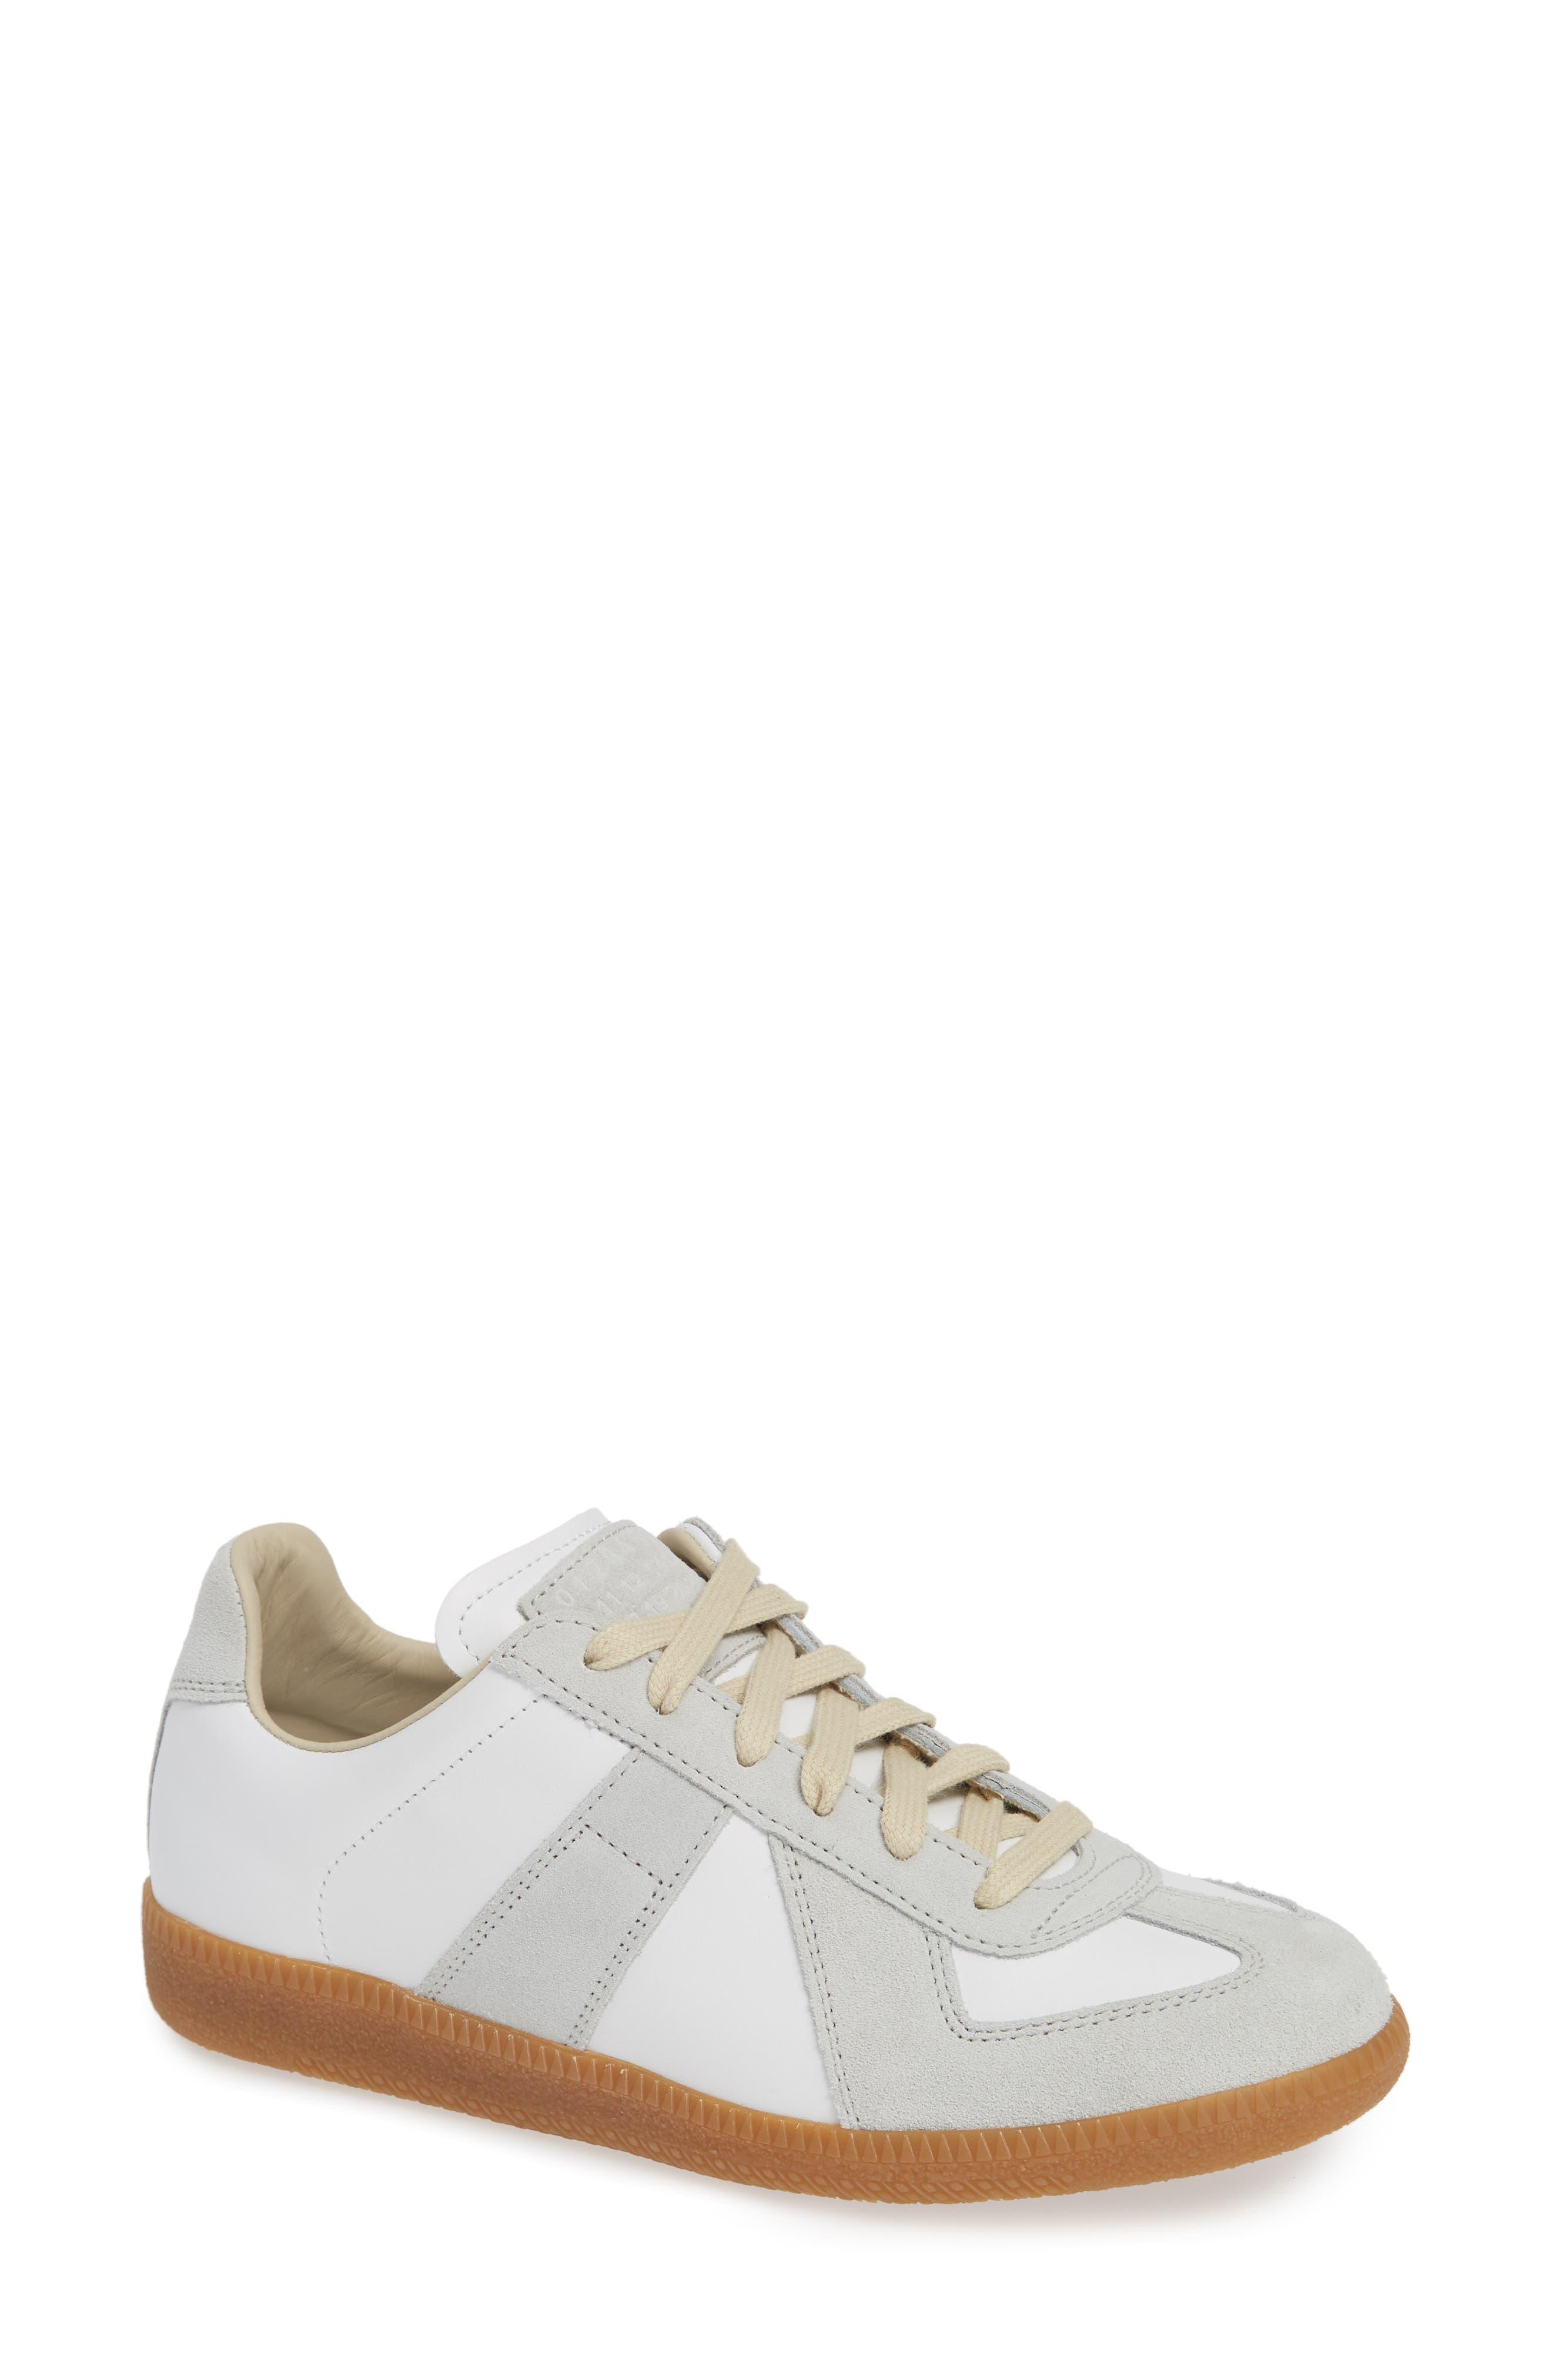 Replica Sneaker, Main, color, WHITE